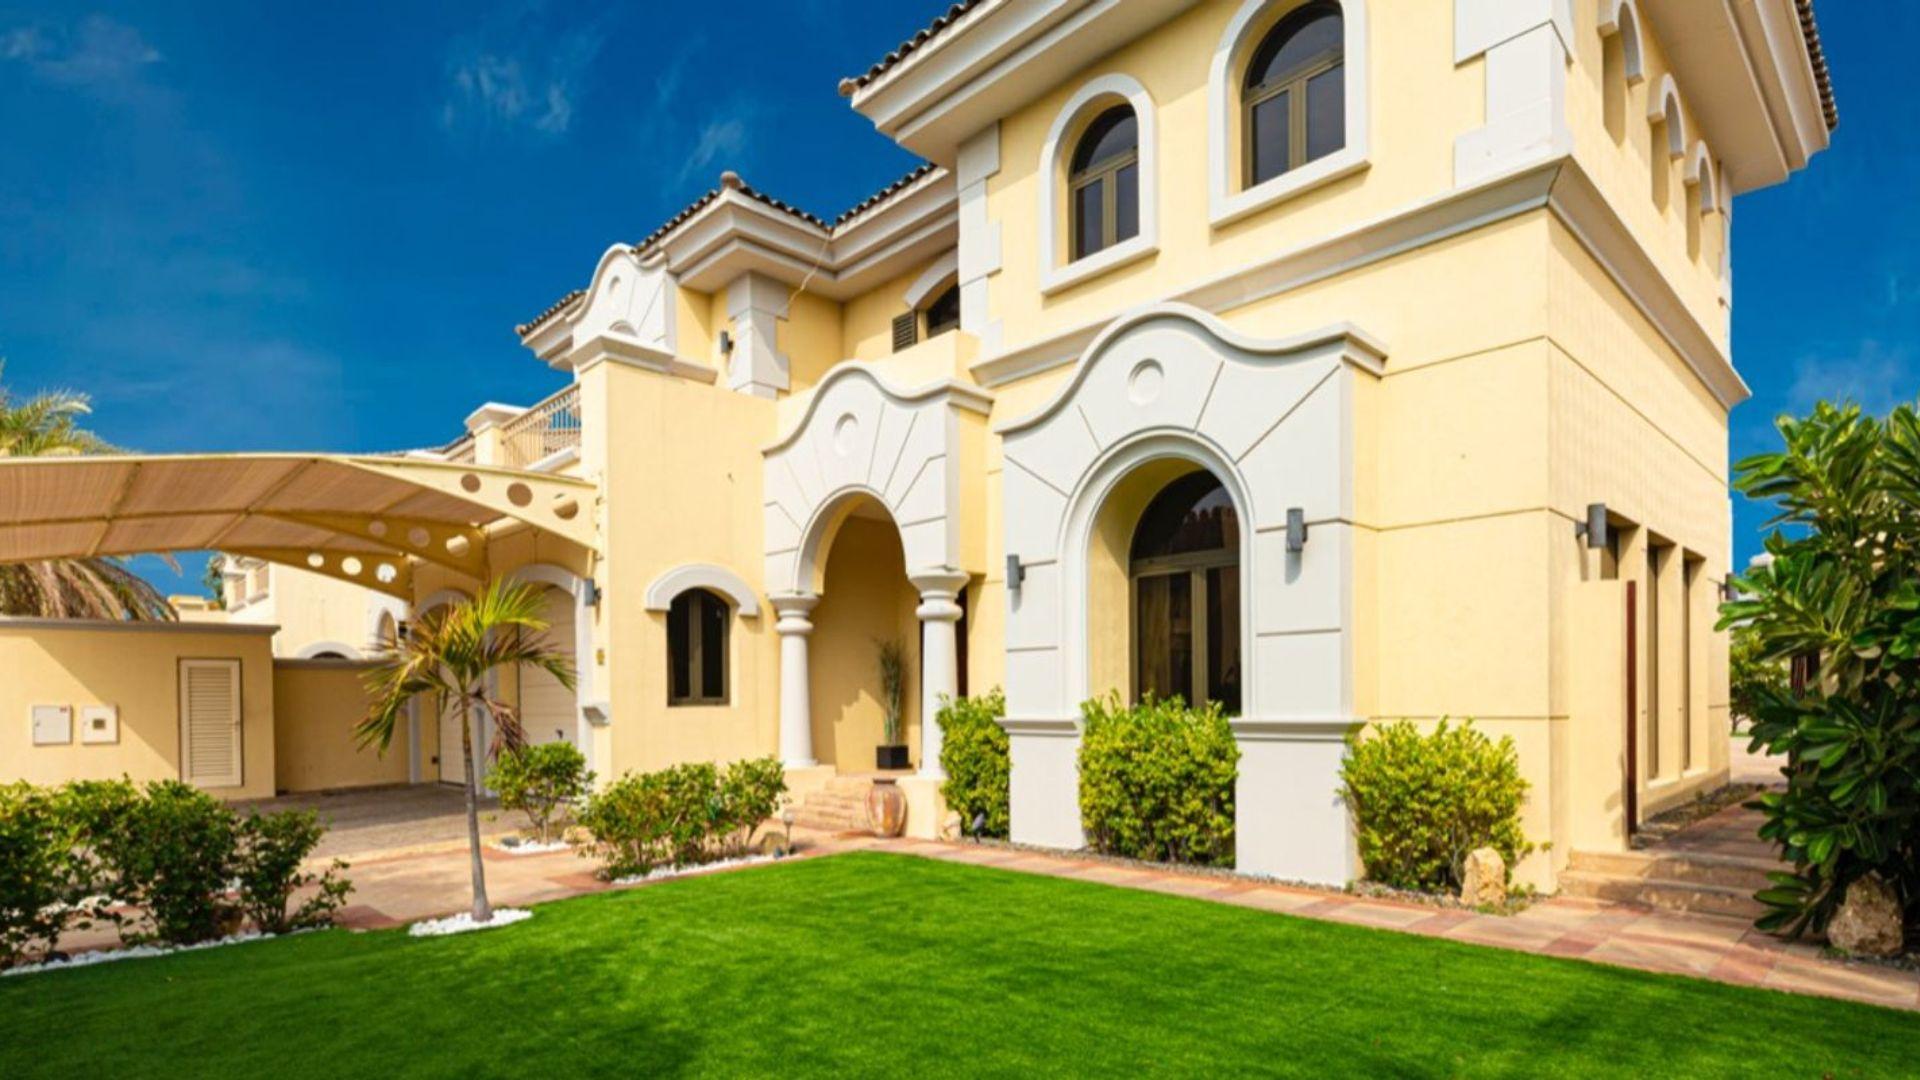 Villa en venta en Dubai, EAU, 6 dormitorios, 836 m2, № 24490 – foto 1